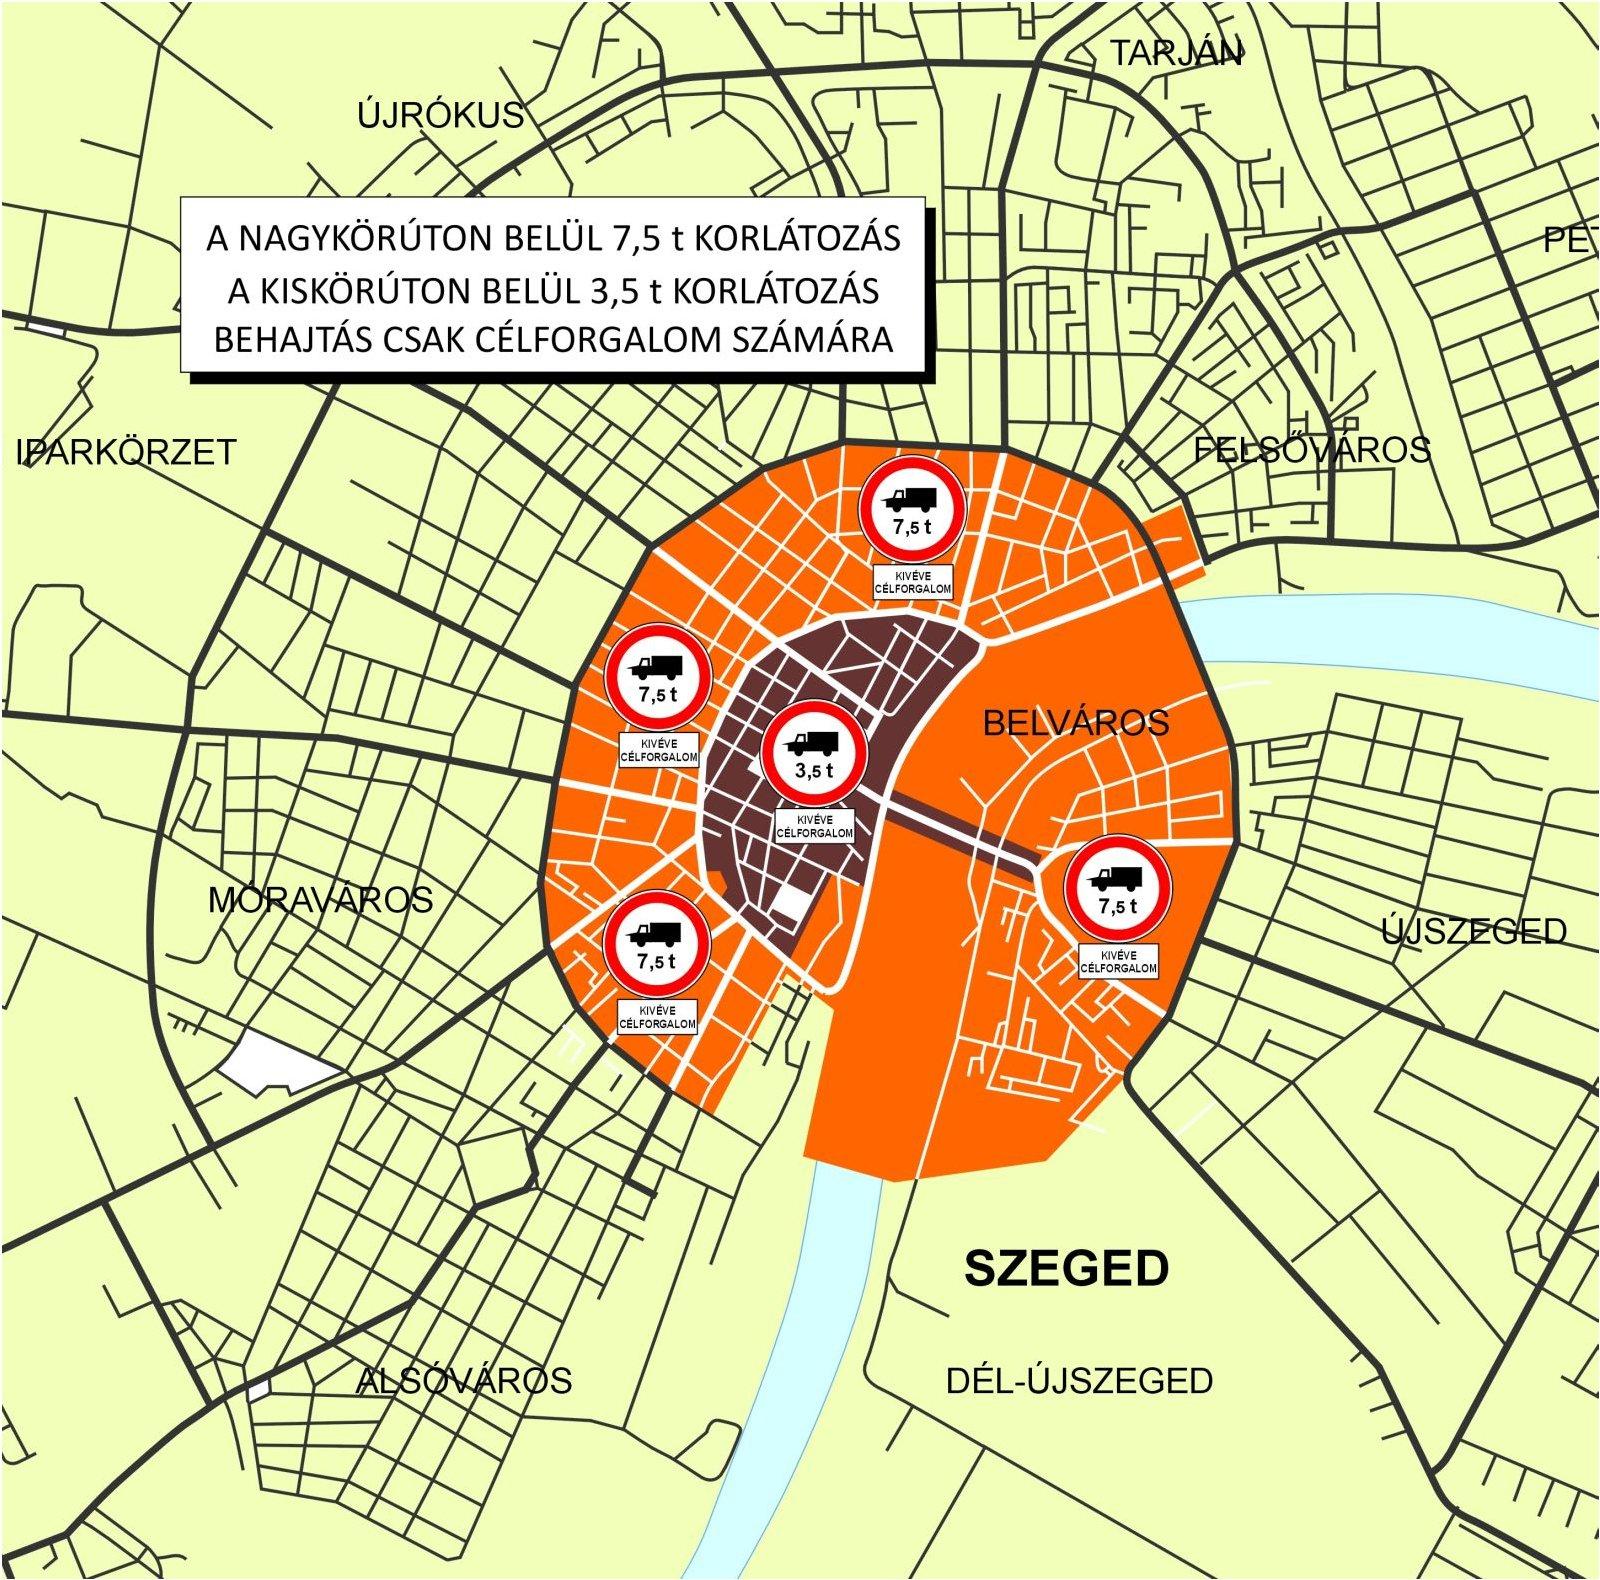 budapest teherforgalmi térkép Közlekedés: Tehergépjármű behajtási tilalom   Szeged, belváros budapest teherforgalmi térkép